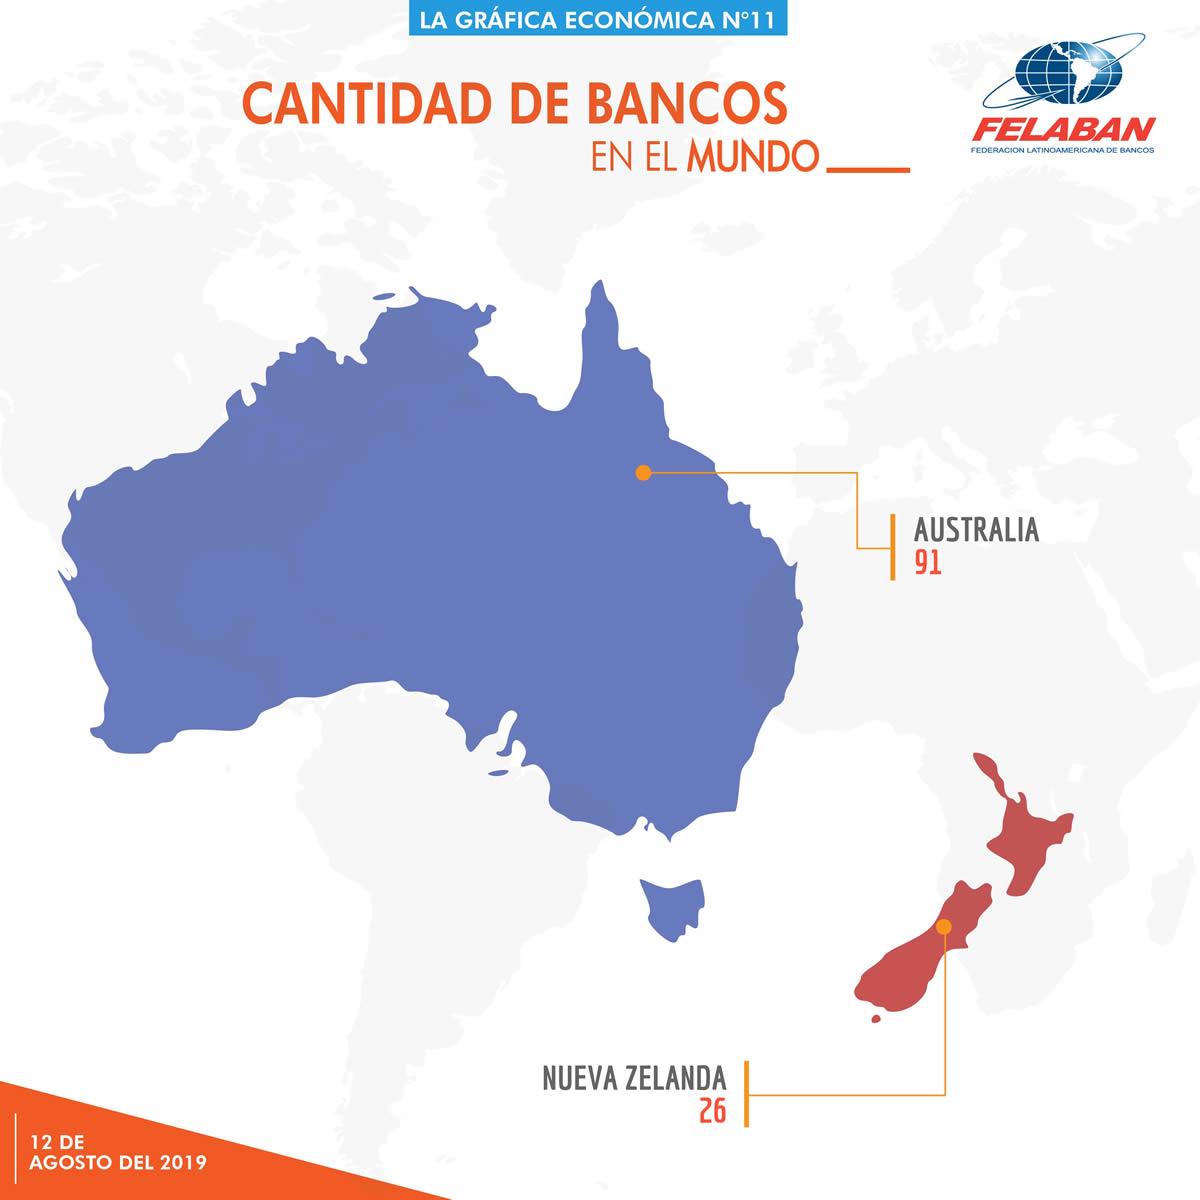 Gráfica Económica Nro 11-4 - ¿Cuántos bancos hay en América Latina y en otras regiones del mundo?